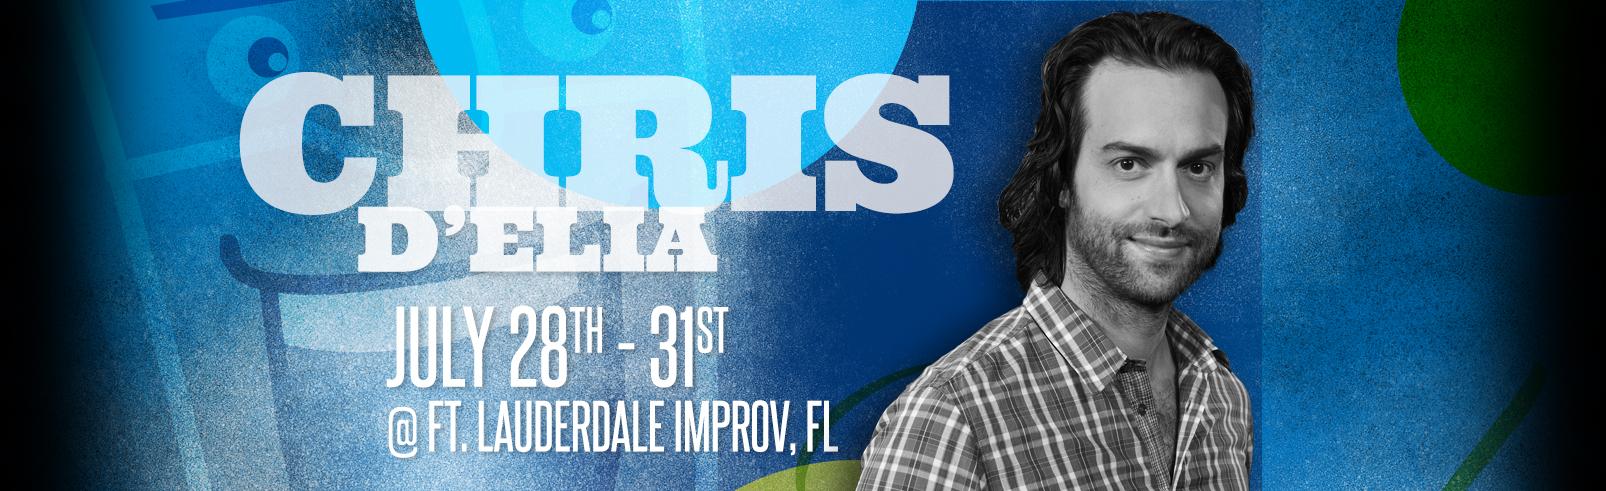 Chris D'Elia @ Fort Lauderdale Improv